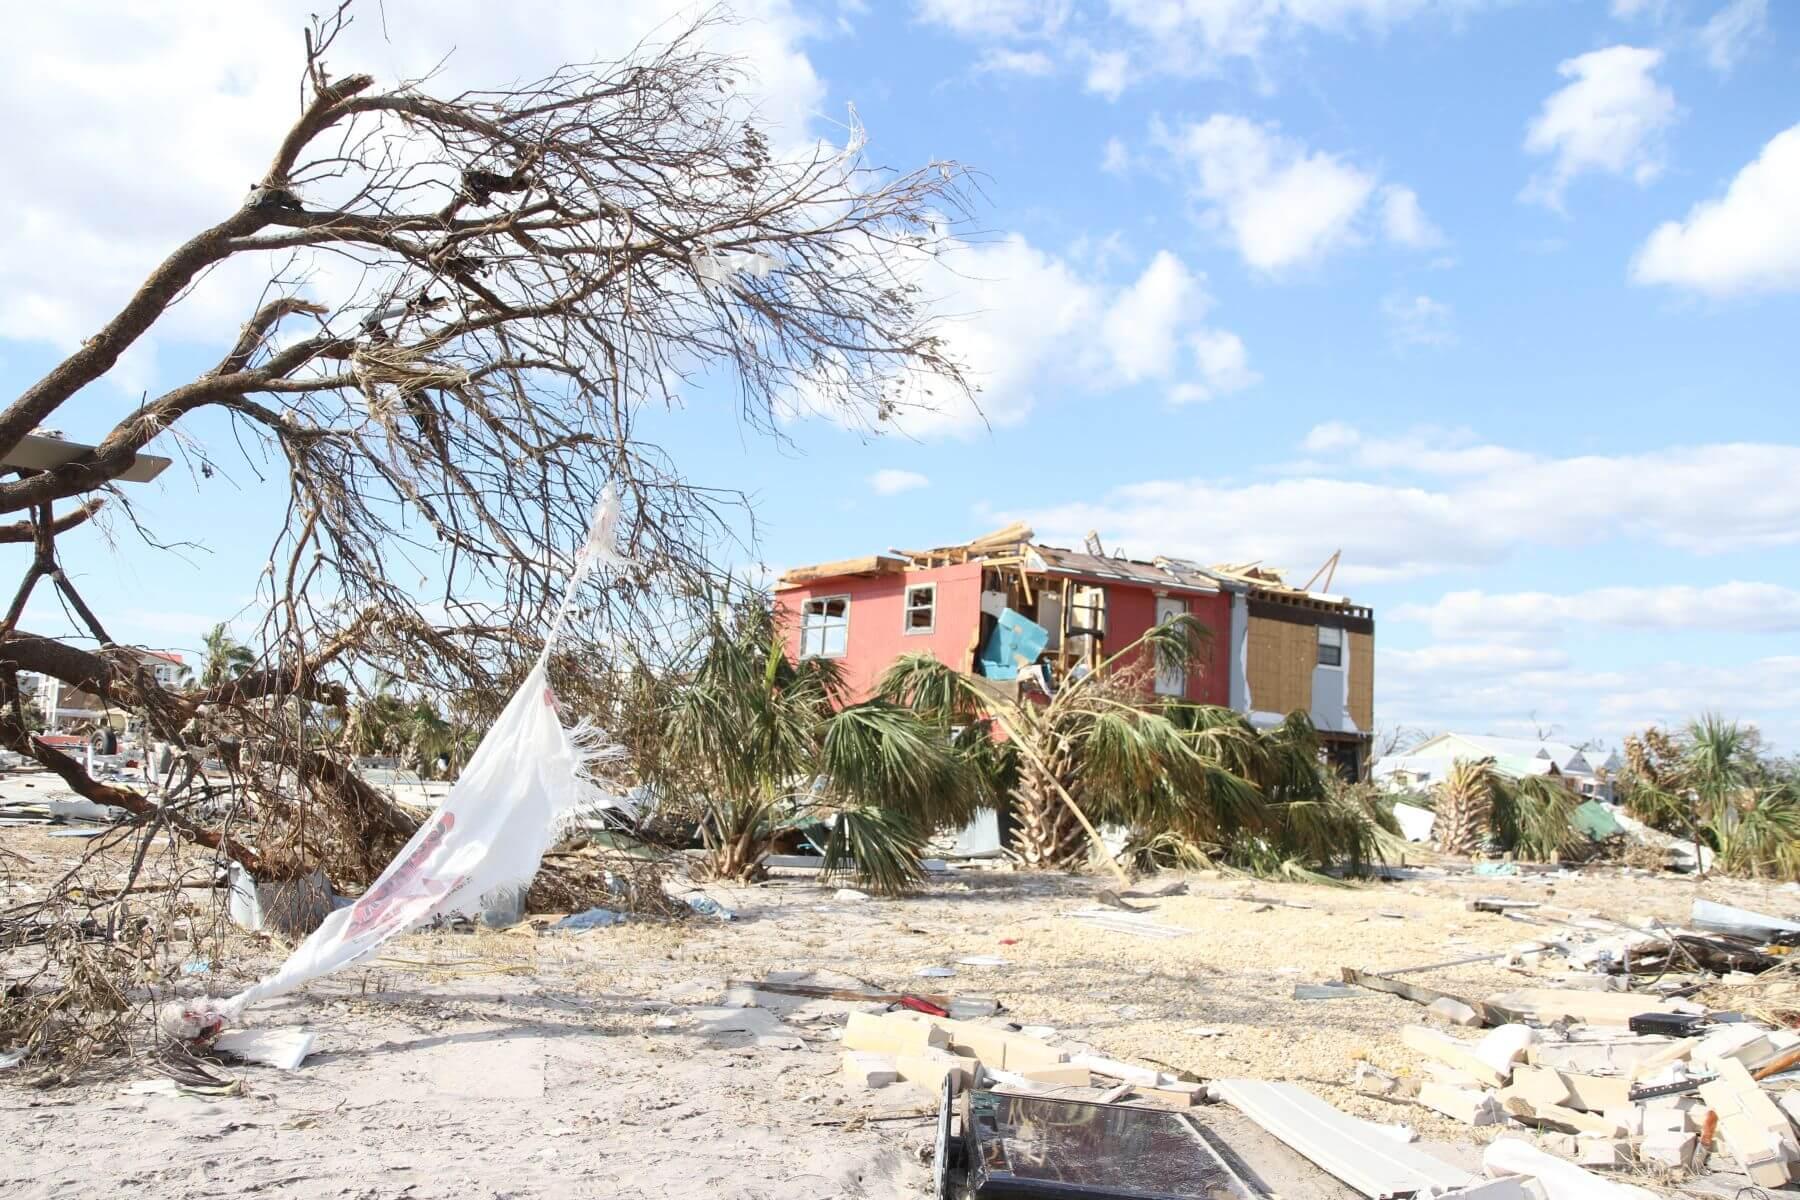 Trees down near a damaged home near the beach.